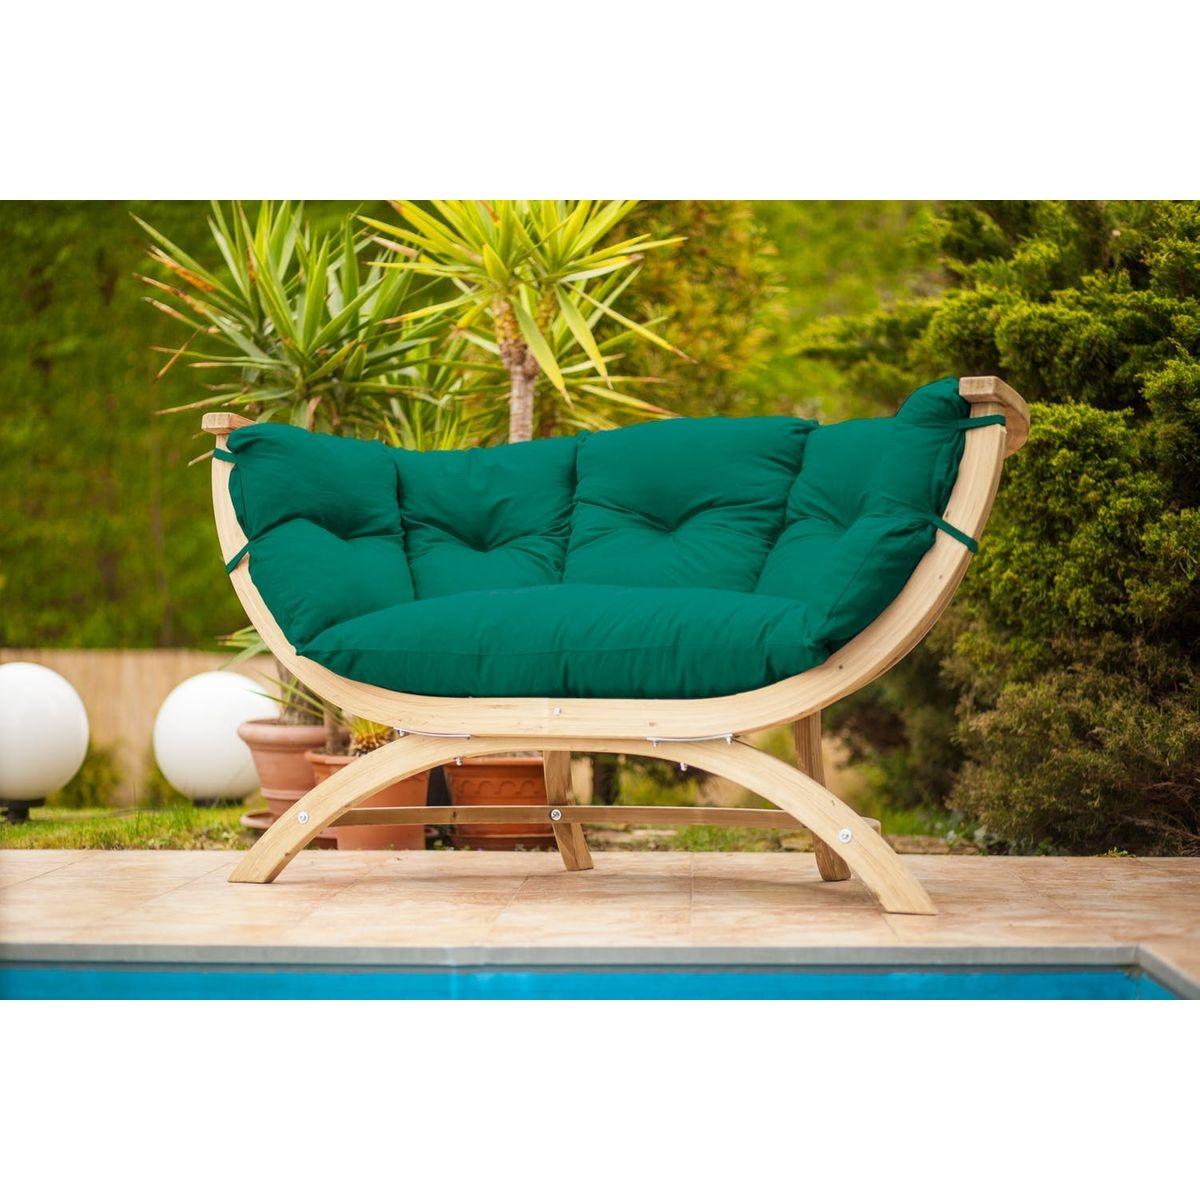 Canapé de jardin contemporain boule en bois épicéa et tissu vert SIENA DUE 2 places